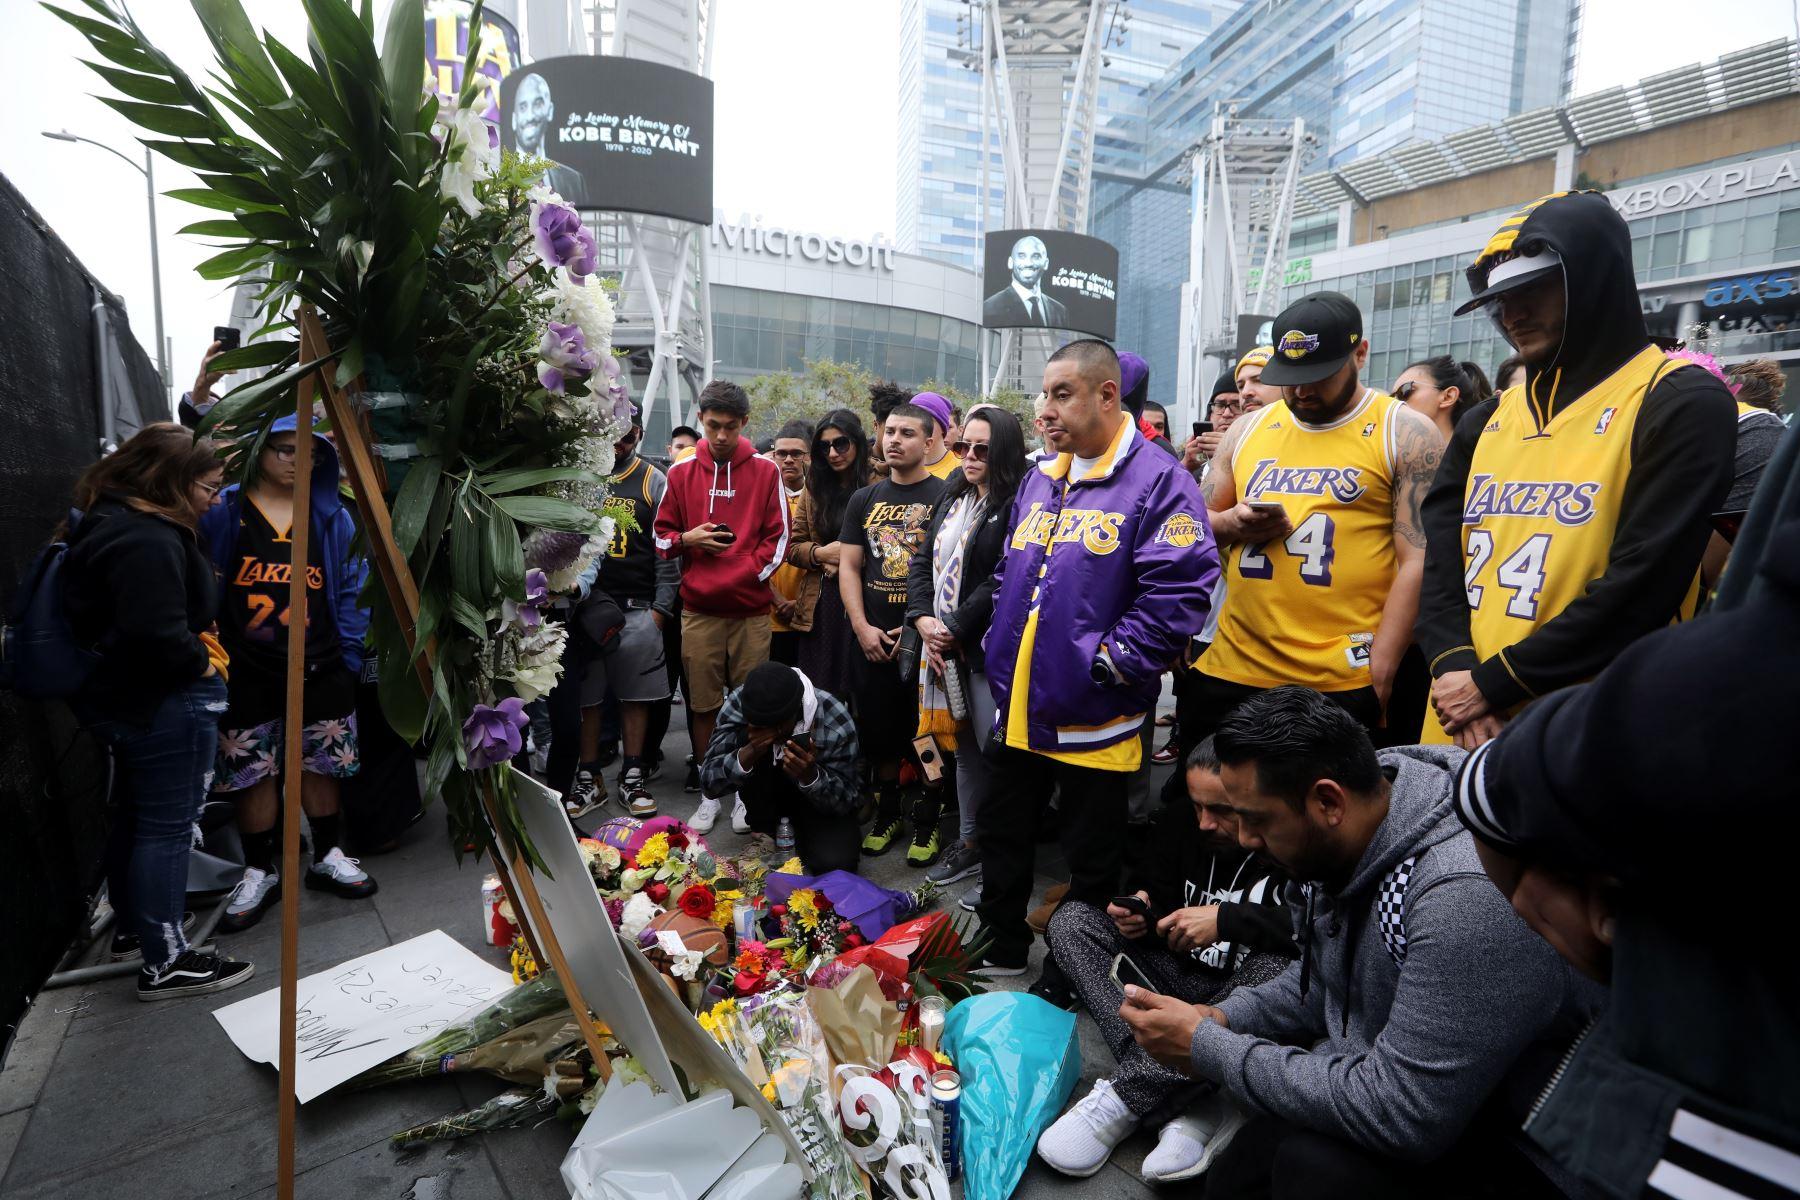 Los fanáticos de los Angeles Lakers Kobe Bryant se reúnen en LA Live al otro lado de la calle del Staples Center, sede de la NBA Los Angeles Lakers en Los Ángeles, California, EE. UU. Foto: EFE